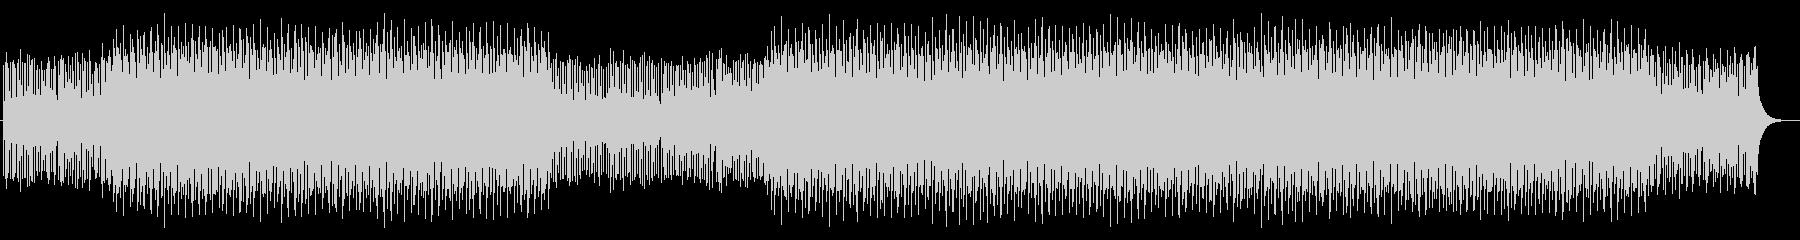 コーポレートミュージック3の未再生の波形